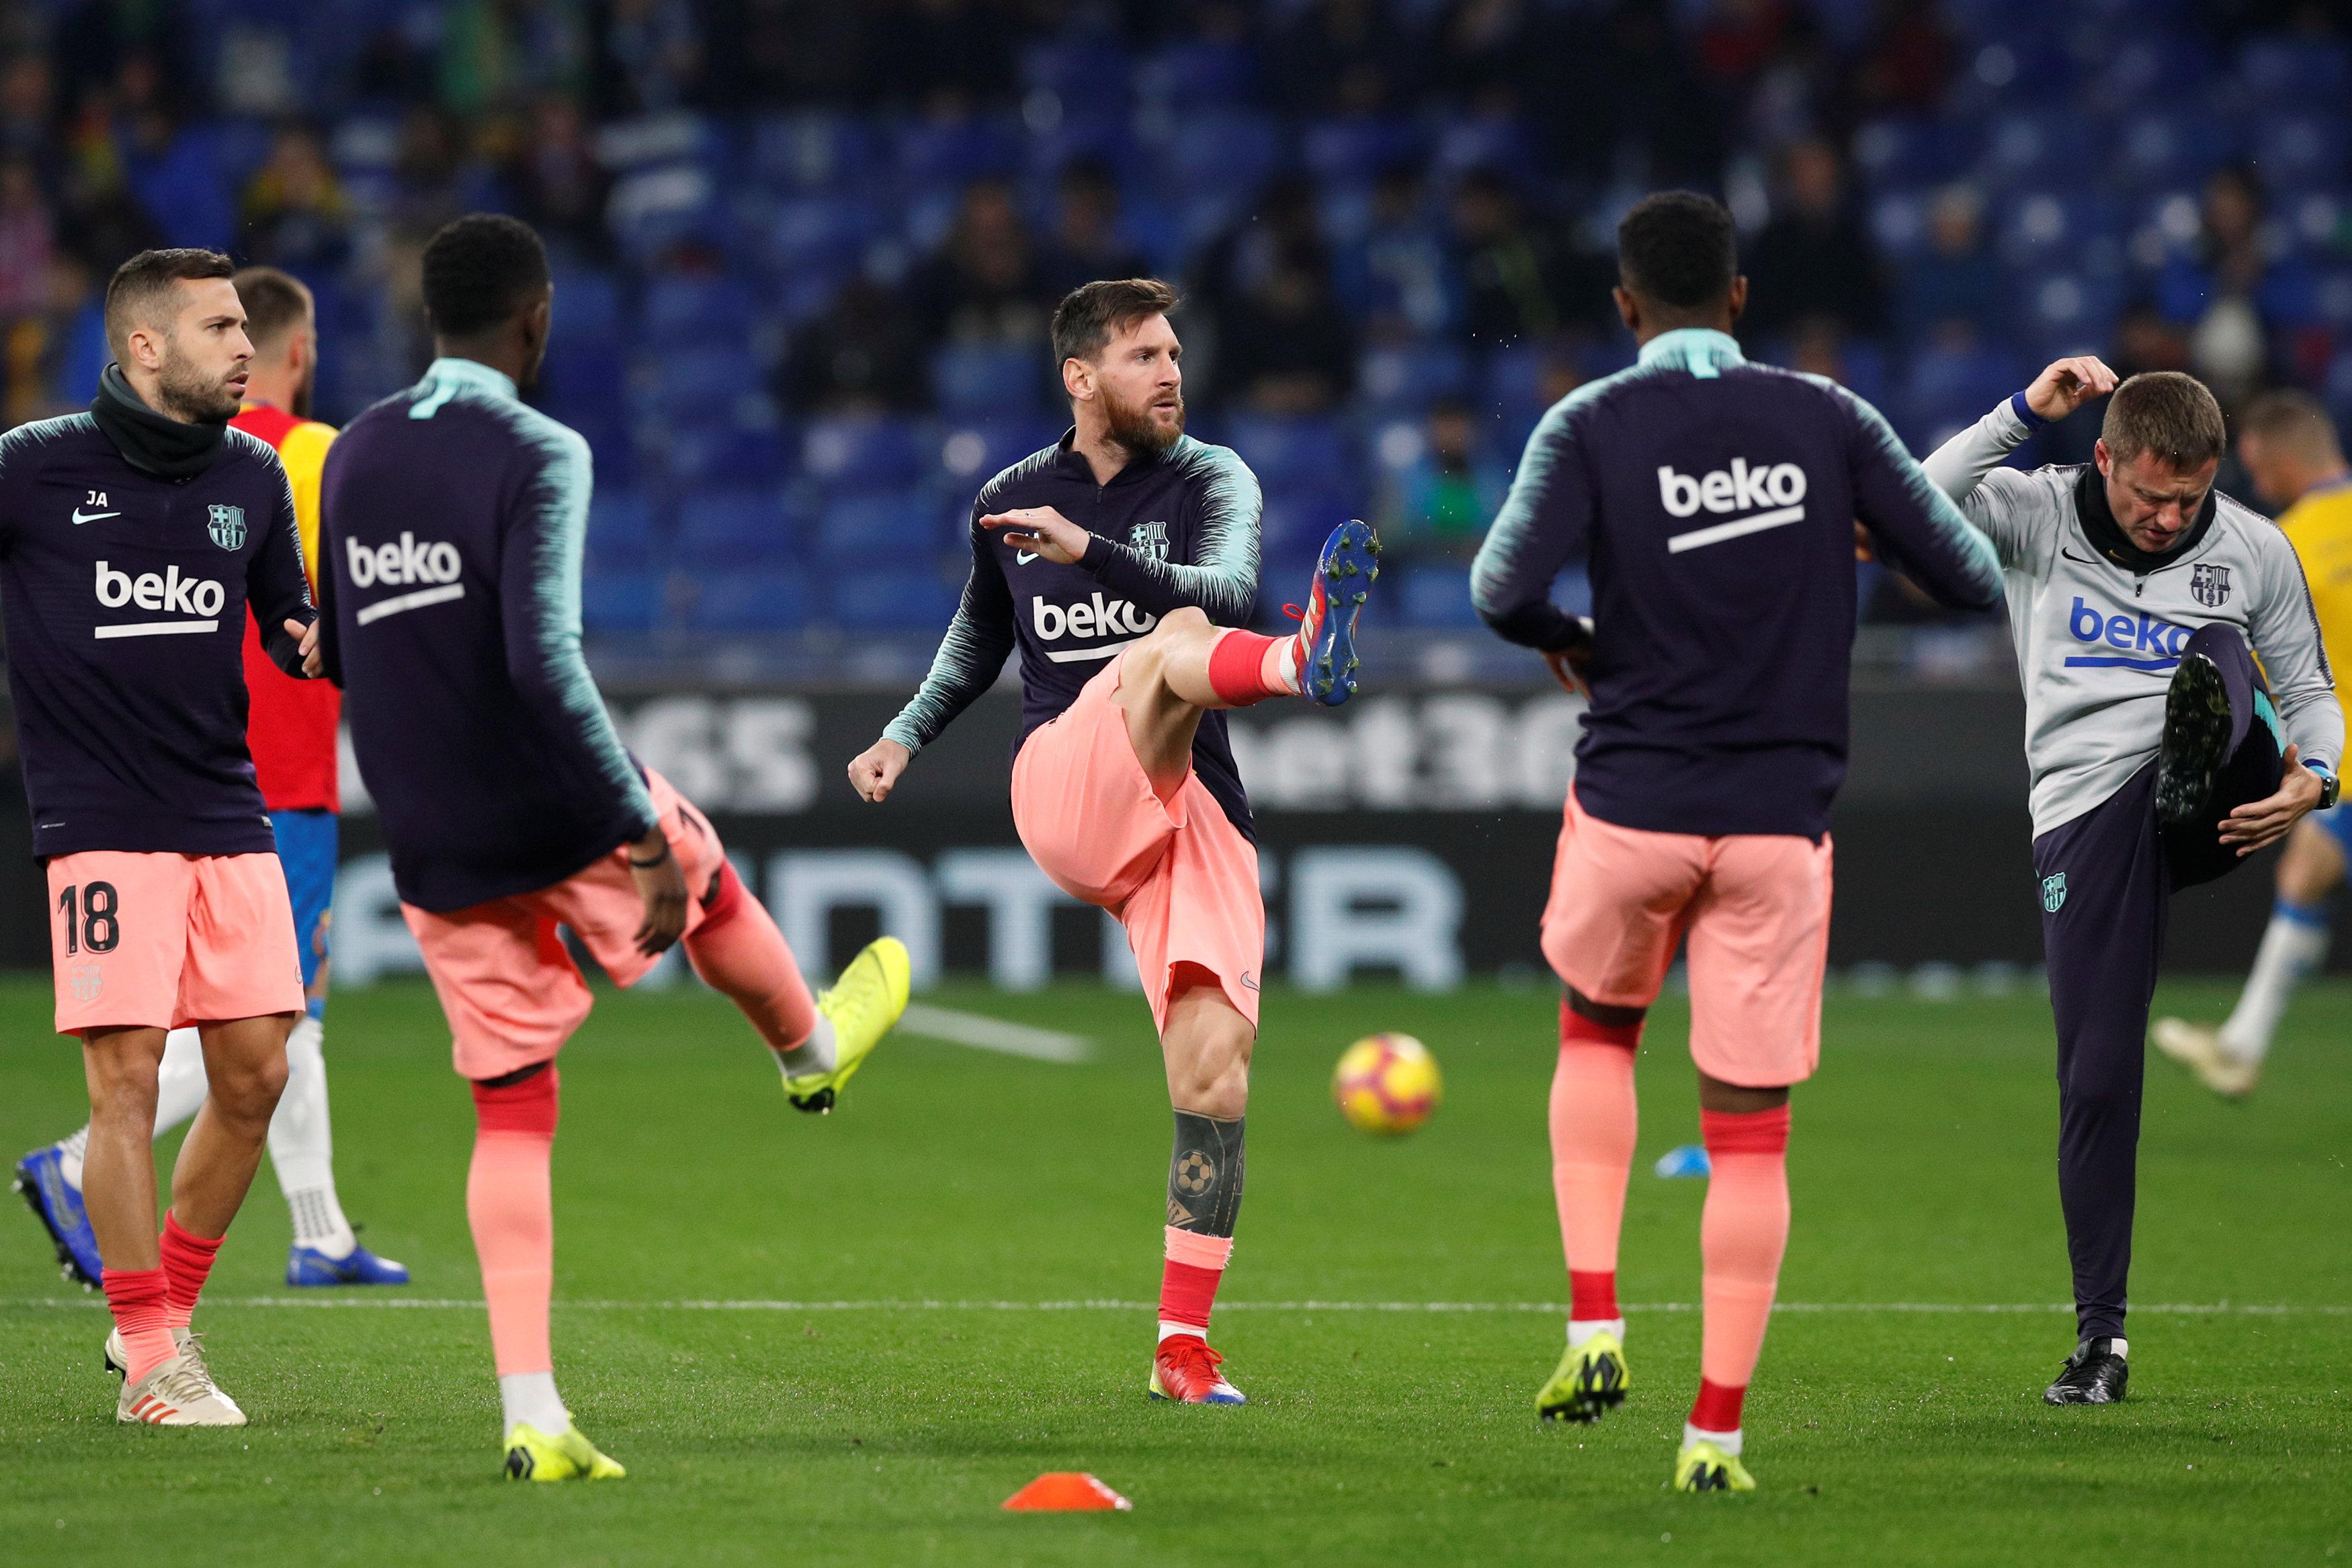 El Barça se juega el honor ante un Tottenham sin margen de error